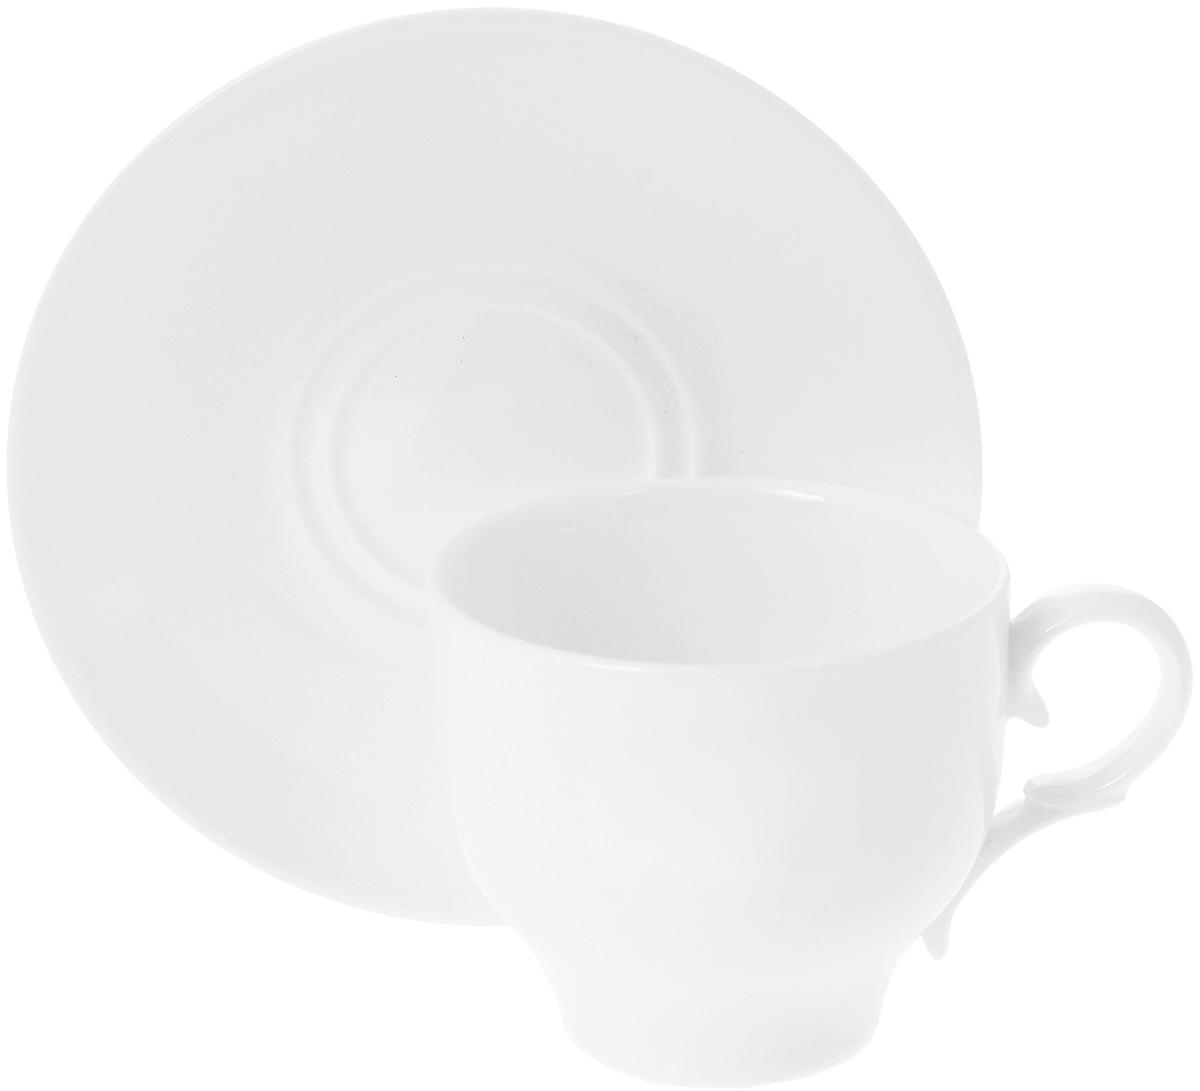 Чайная пара Wilmax, 2 предмета. WL-993009391602Чайная пара Wilmax состоит из чашки и блюдца, выполненных из высококачественного фарфора и оформленных в классическом стиле. Оригинальный дизайн обязательно придется вам по вкусу. Чайная пара Wilmax украсит ваш кухонный стол, а также станет замечательным подарком к любому празднику.Объем чашки: 220 мл.Диаметр чашки (по верхнему краю): 8 см.Диаметр основания чашки: 4,5 см.Высота чашки: 7 см.Диаметр блюдца: 14 см.